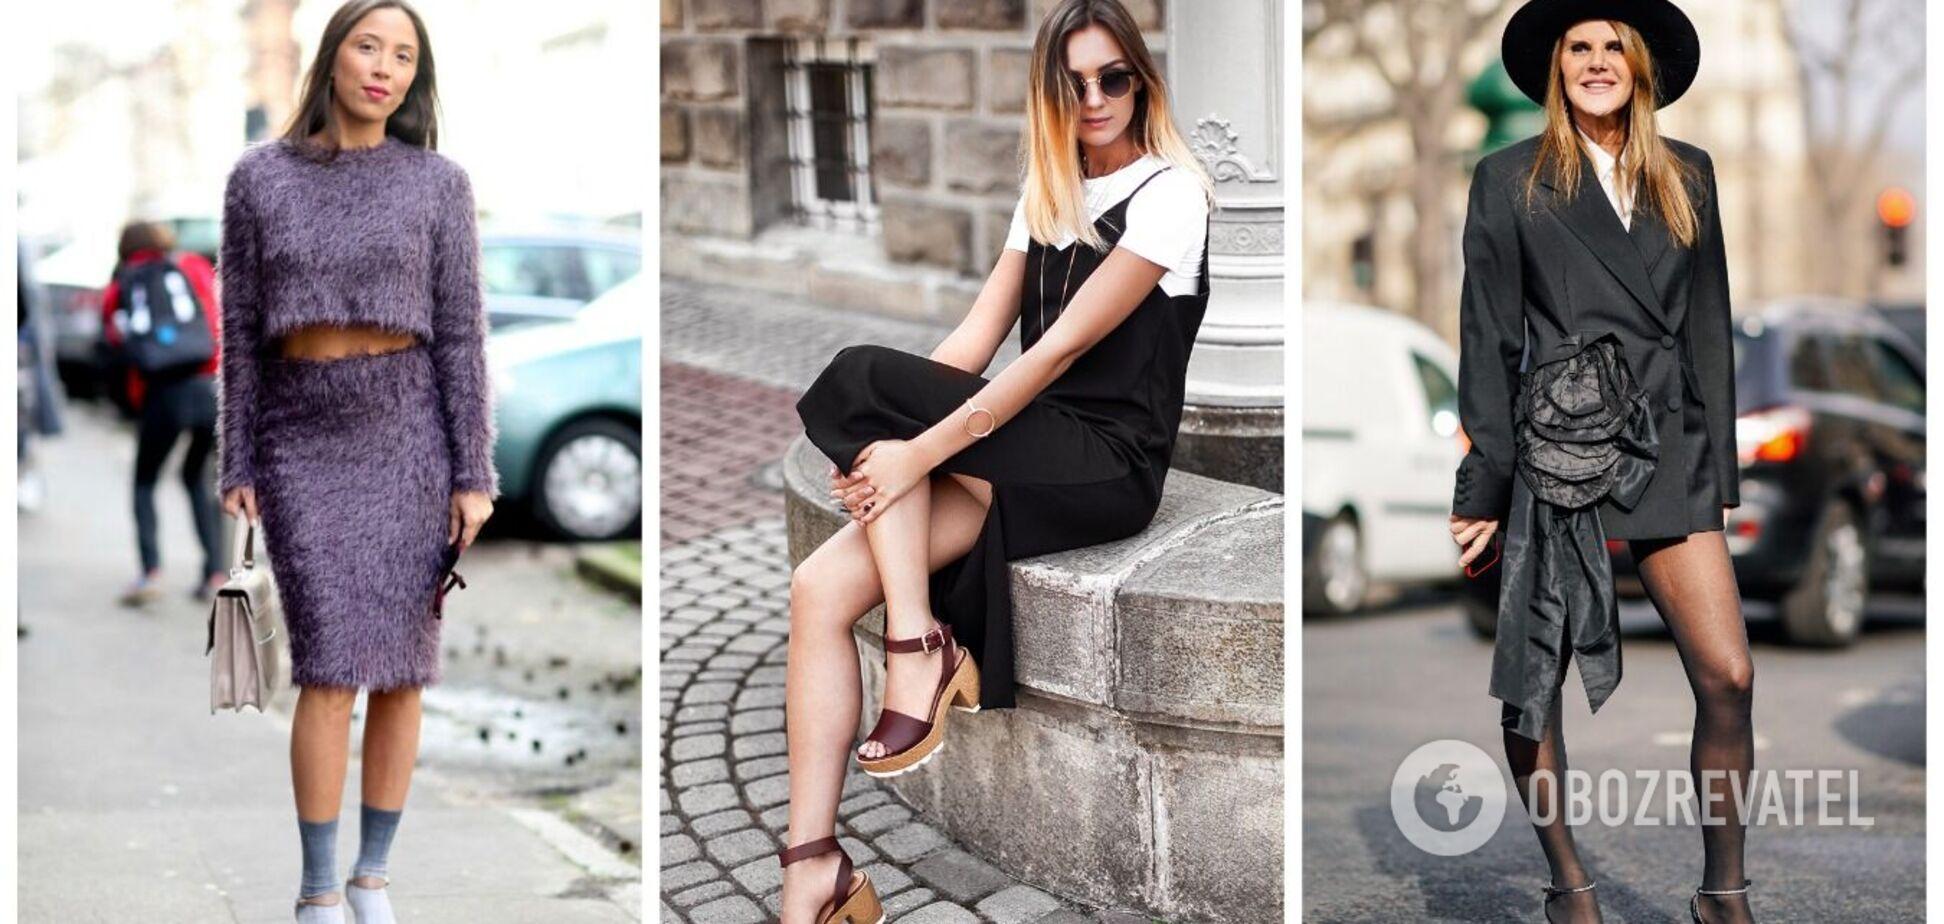 Как нельзя носить трендовые вещи: топ-5 главных ошибок в подборе образа. Фото